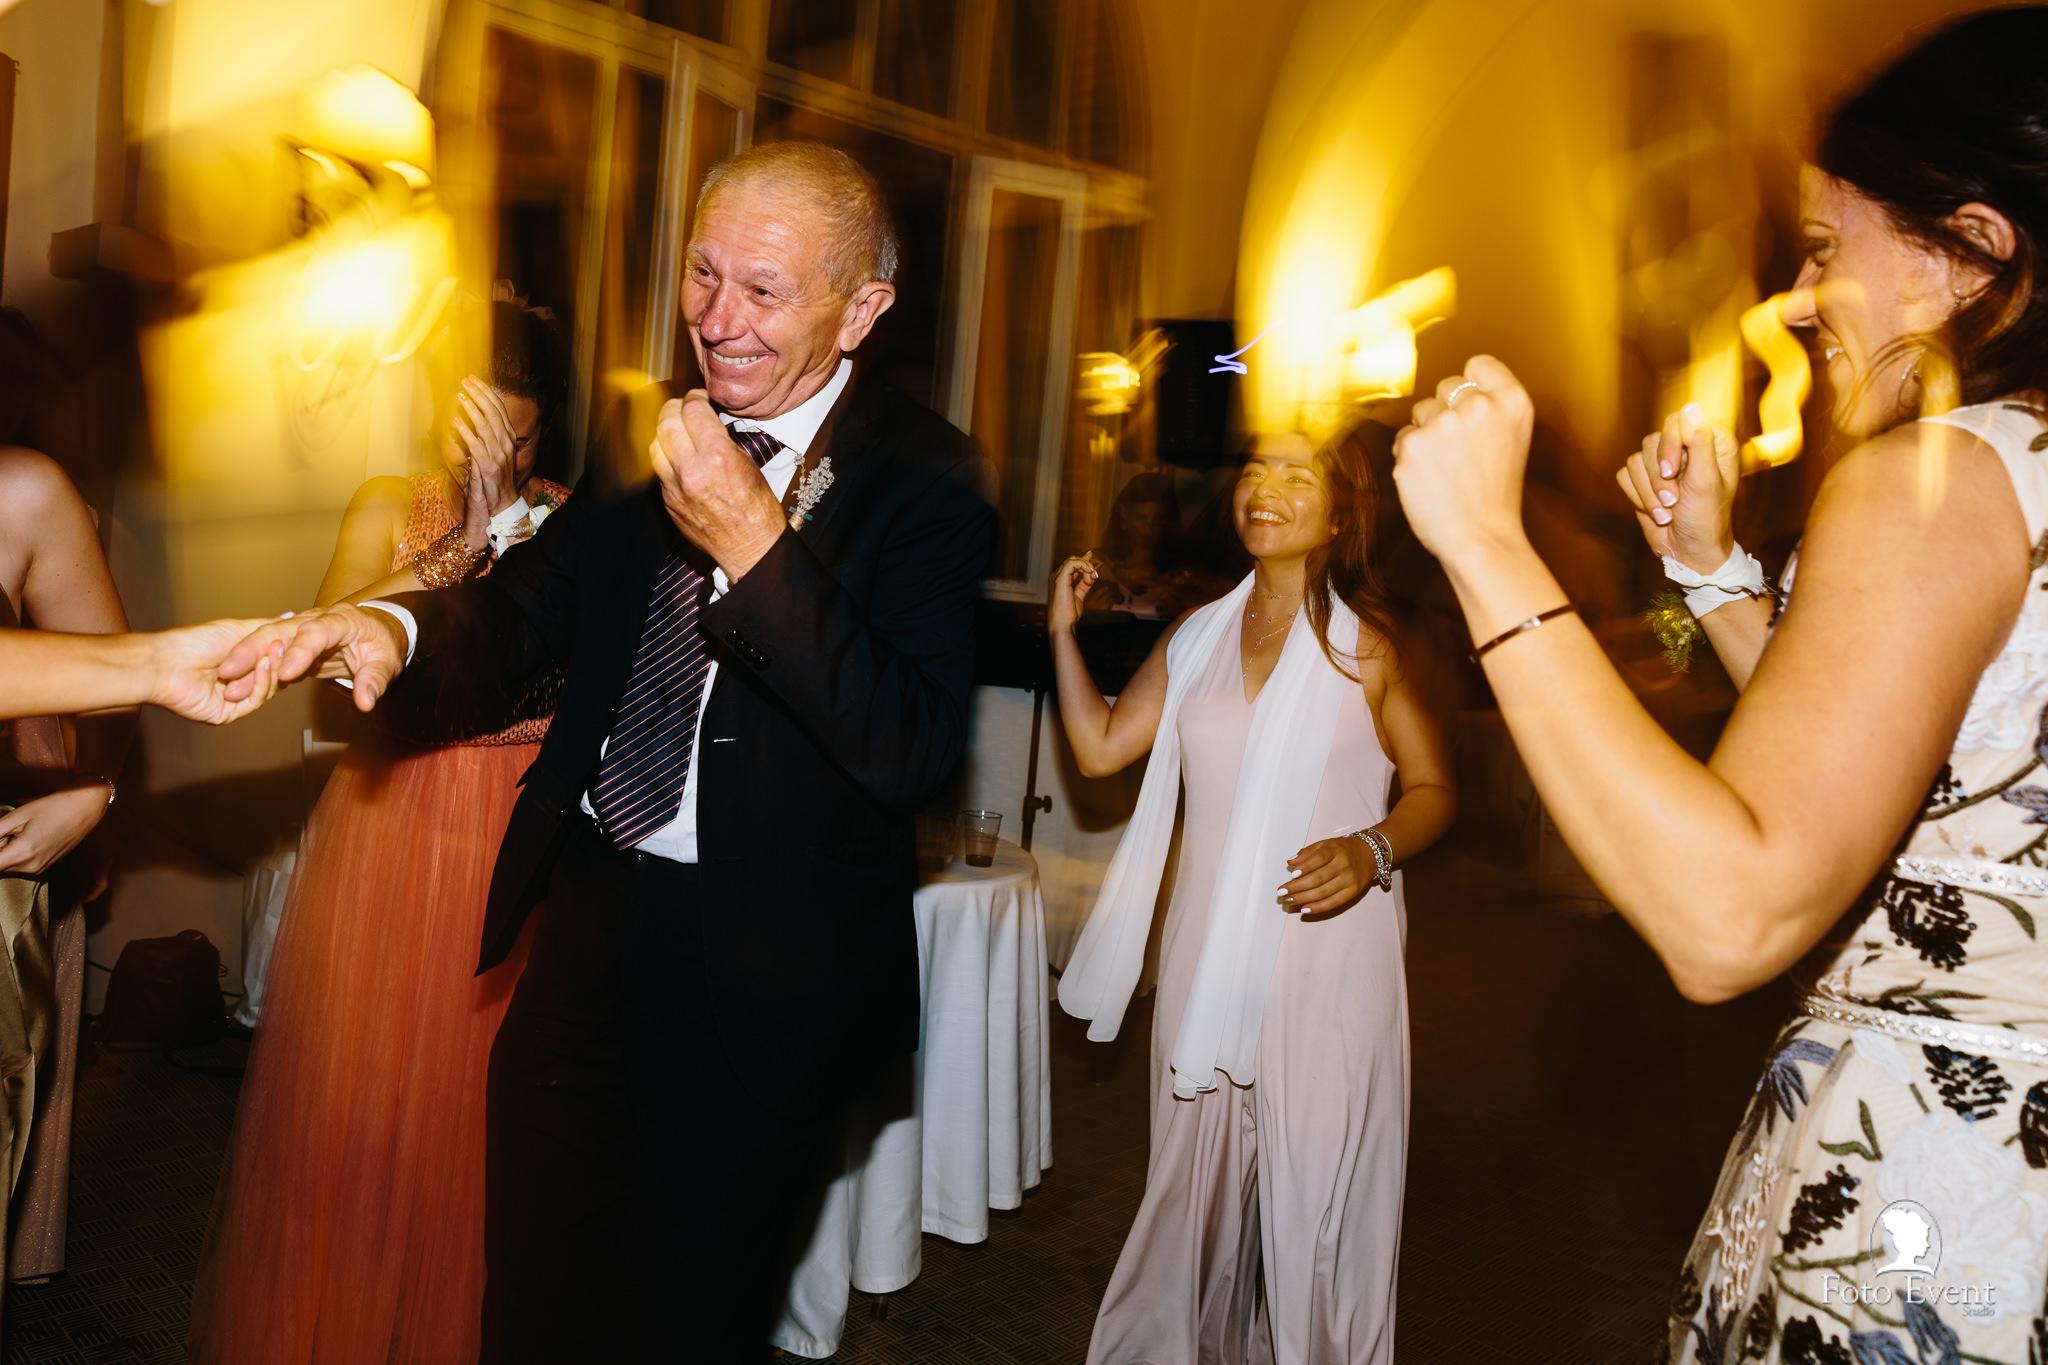 093-2019-07-27-Matrimonio-Valentina-e-Alessandro-Pettinari-5DE-1893